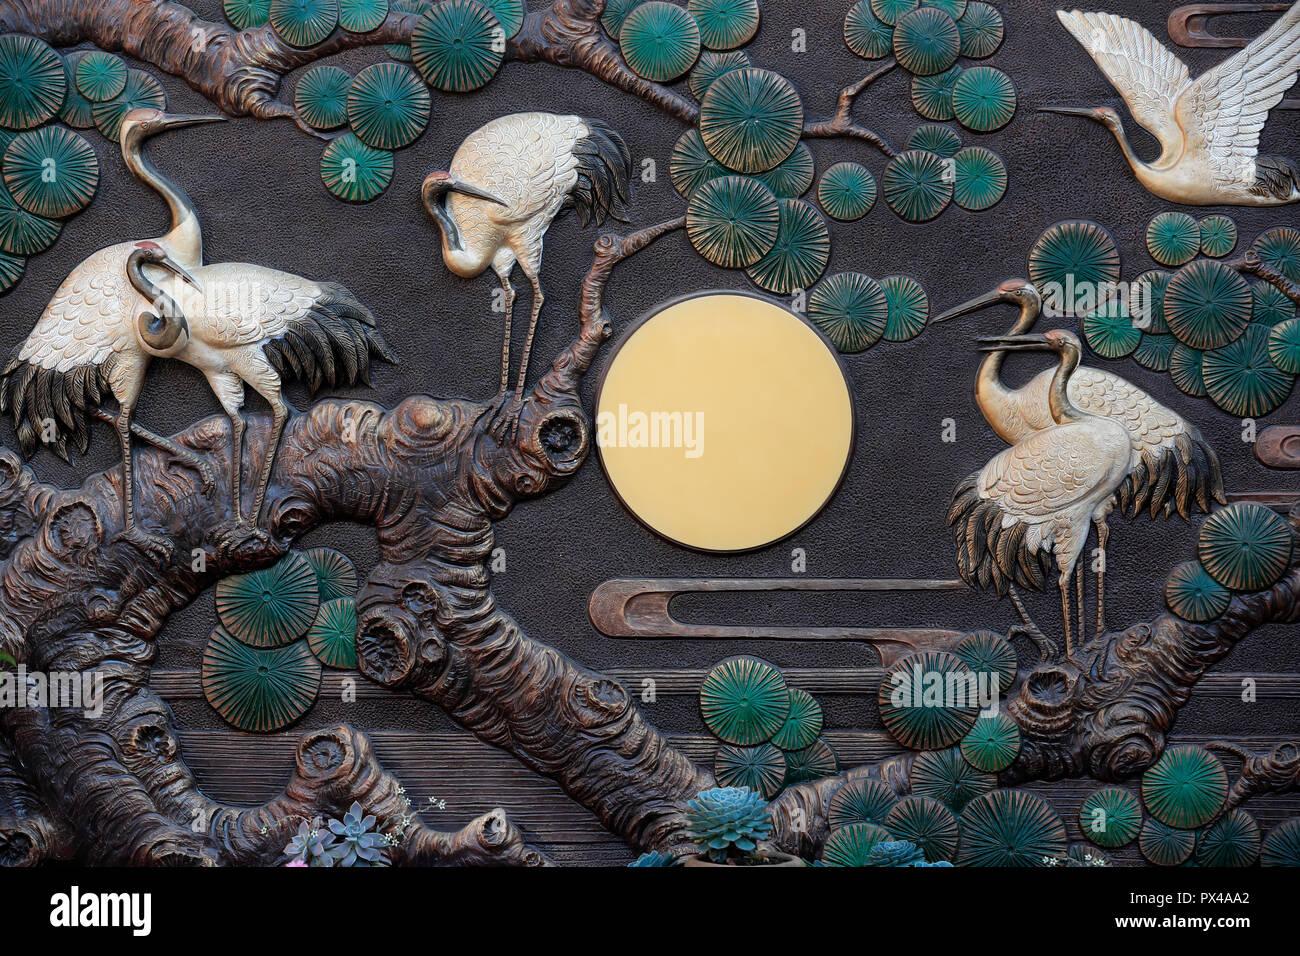 Linh Phong buddhistischer Tempel. Rot gekrönter Krane eine Symbolik der Langlebigkeit und viel Glück. Dalat. Vietnam. Stockbild